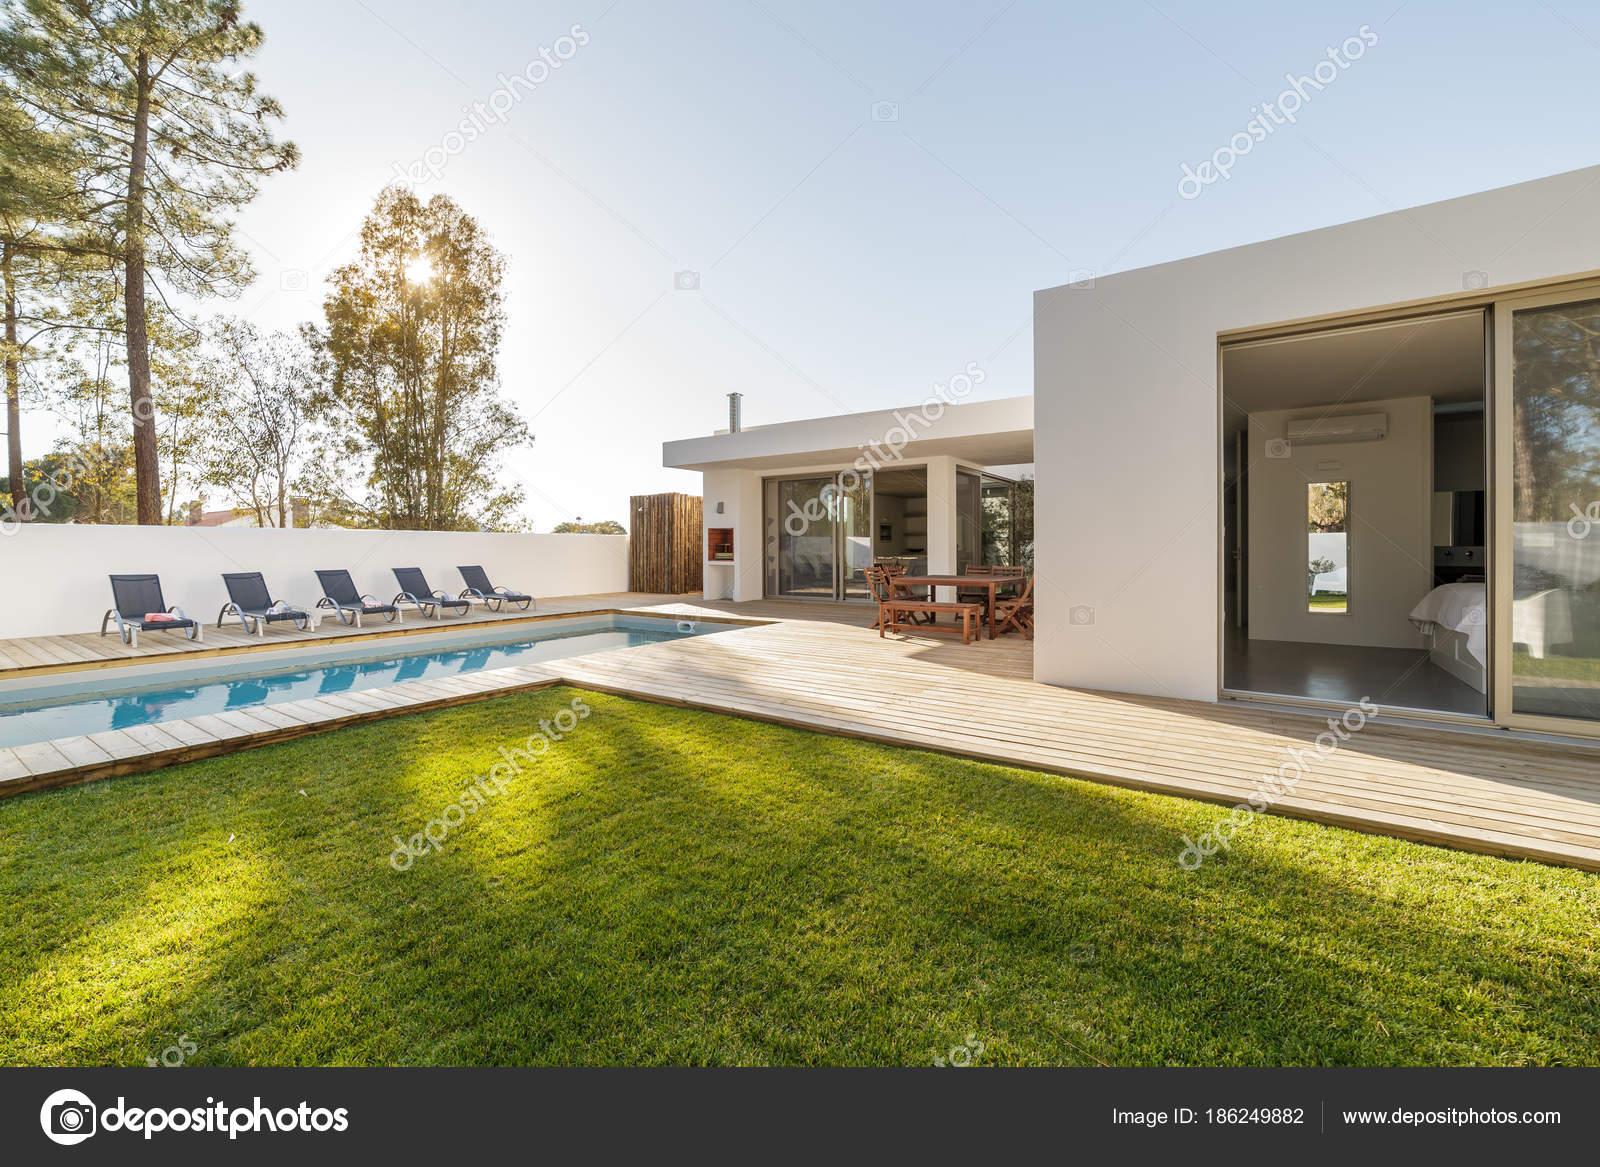 Casa moderna con jard n piscina y deck de madera foto de for Casa moderna blanca con piscina